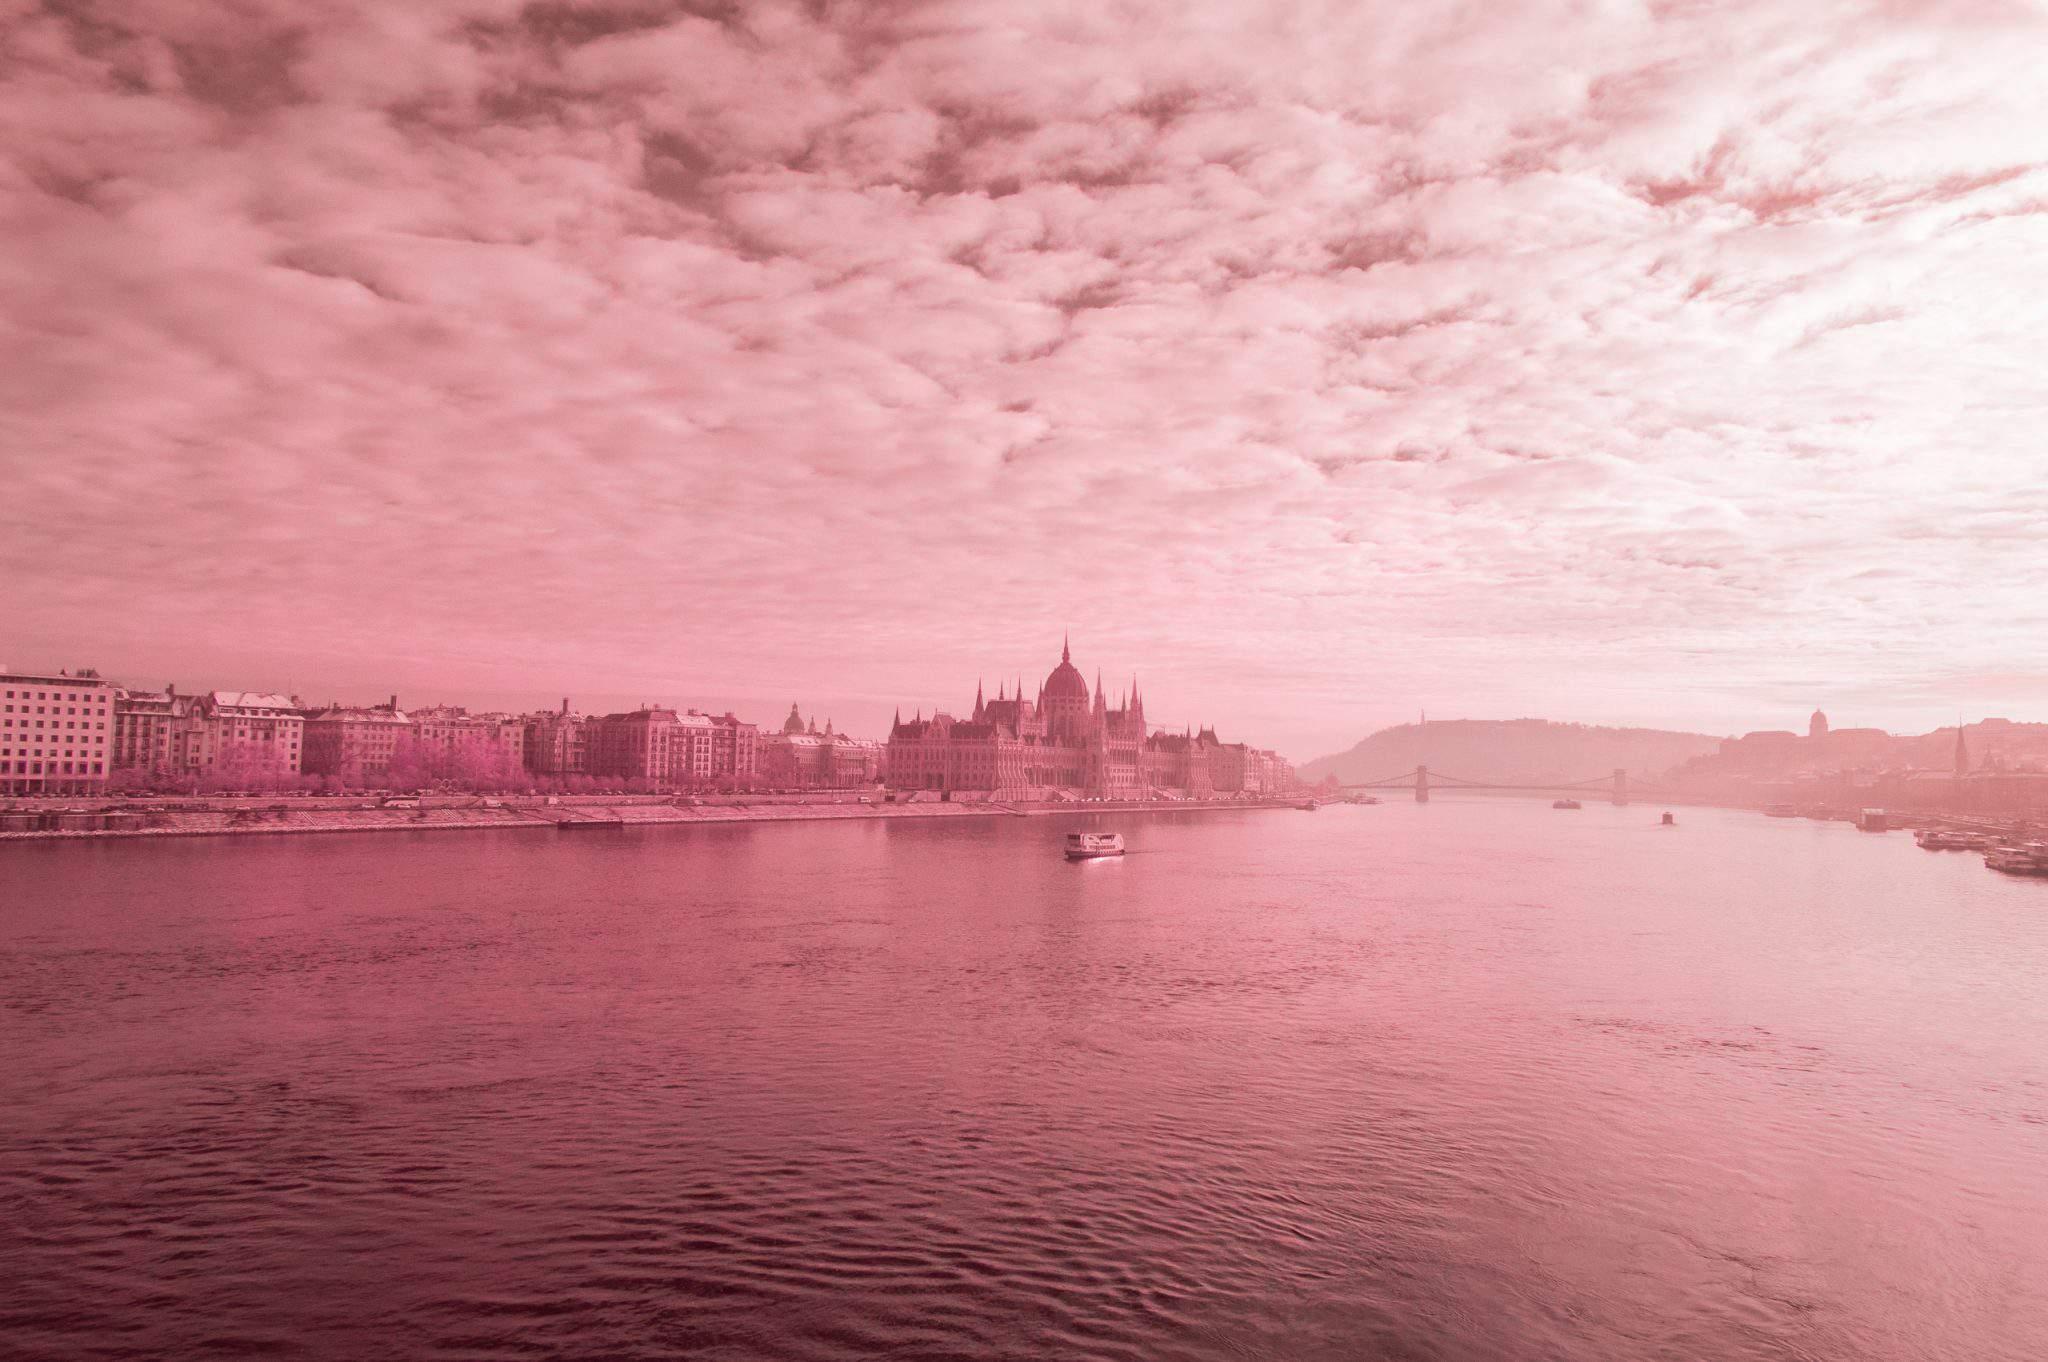 Budapest infrared